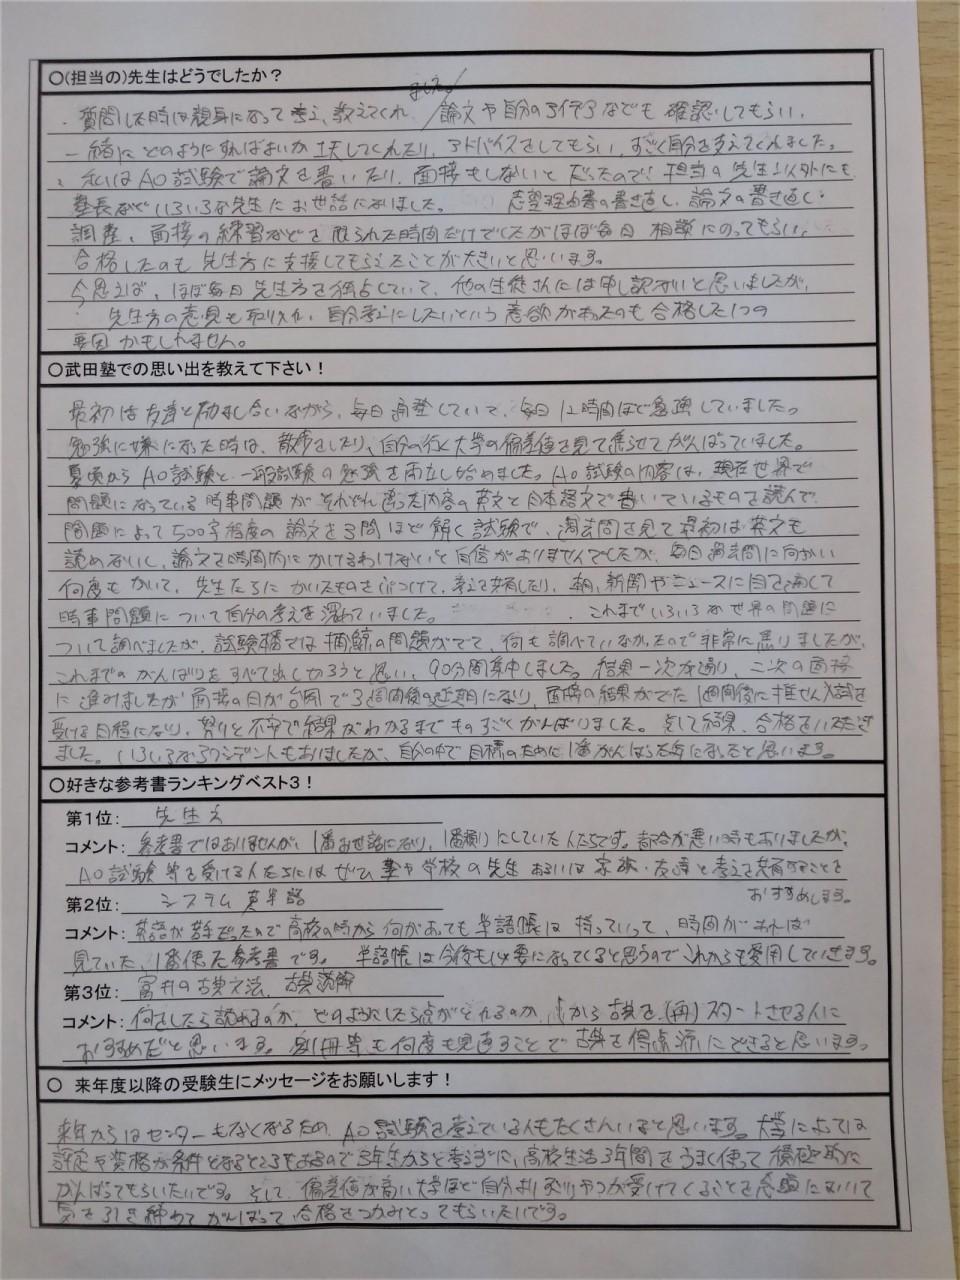 小林悠眞くん合格体験記2.0